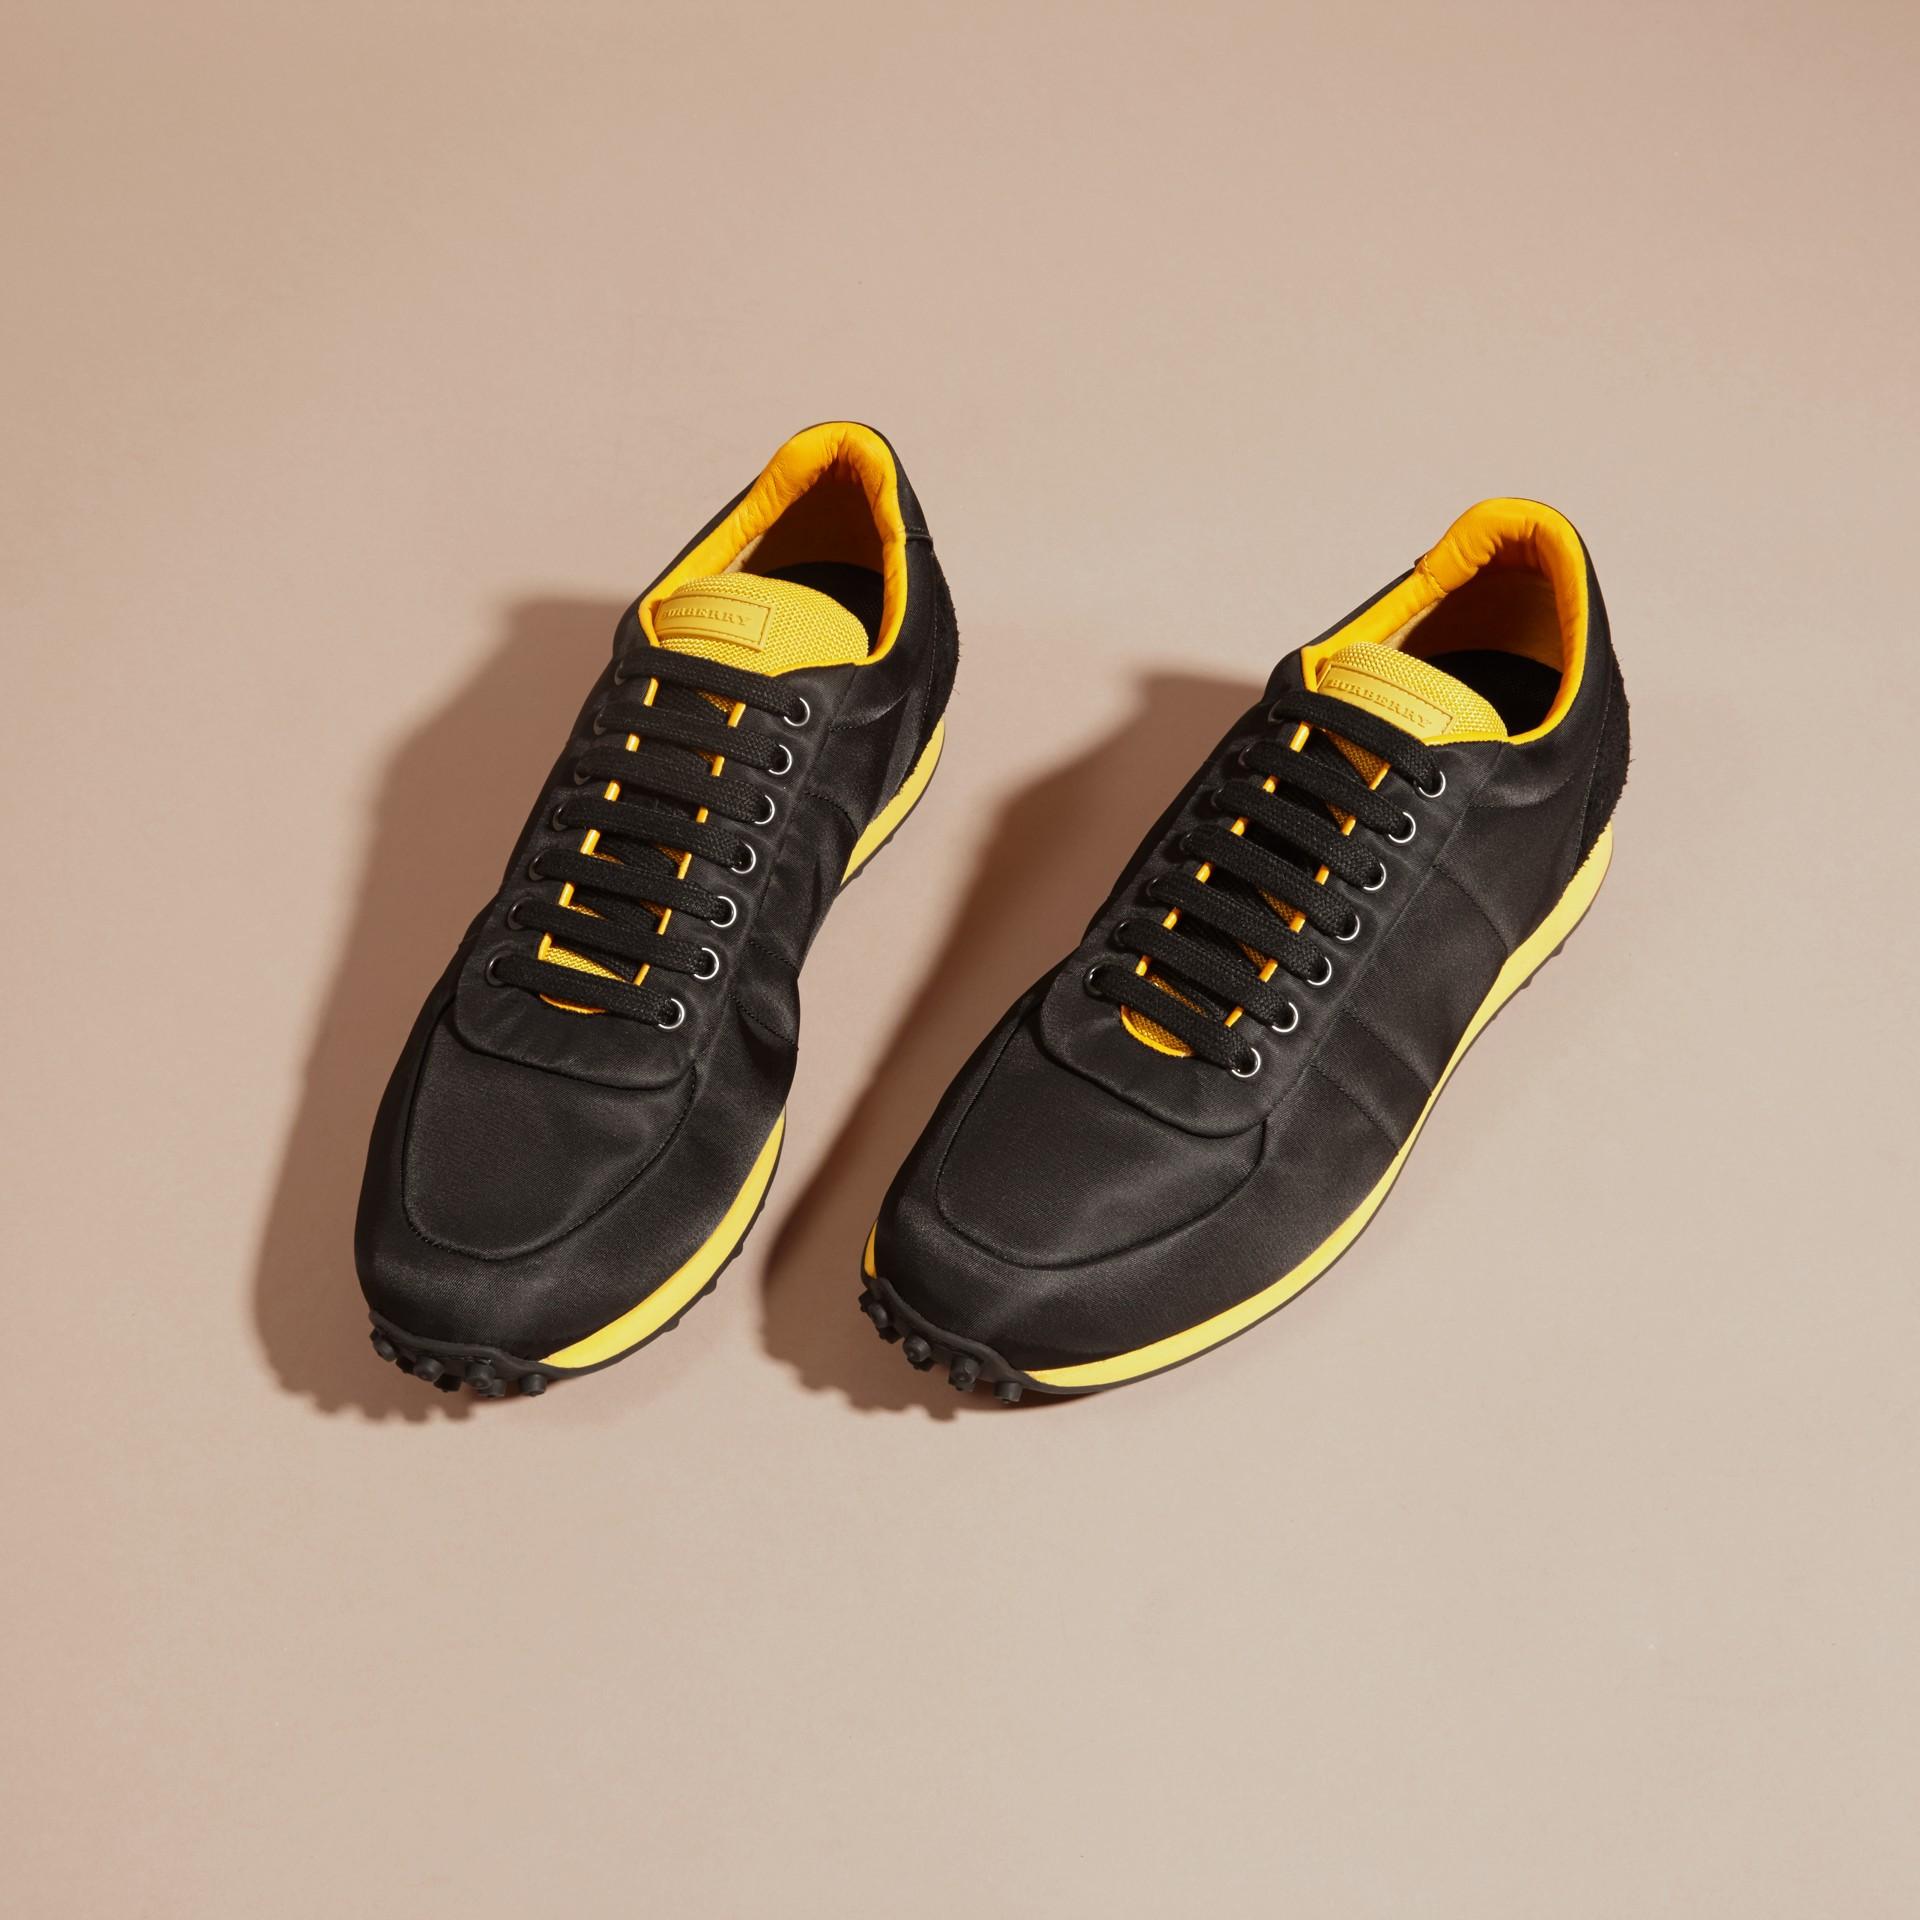 Nero/giallo bruciato Sneaker tecniche con finiture effetto texture Nero/giallo Bruciato - immagine della galleria 3